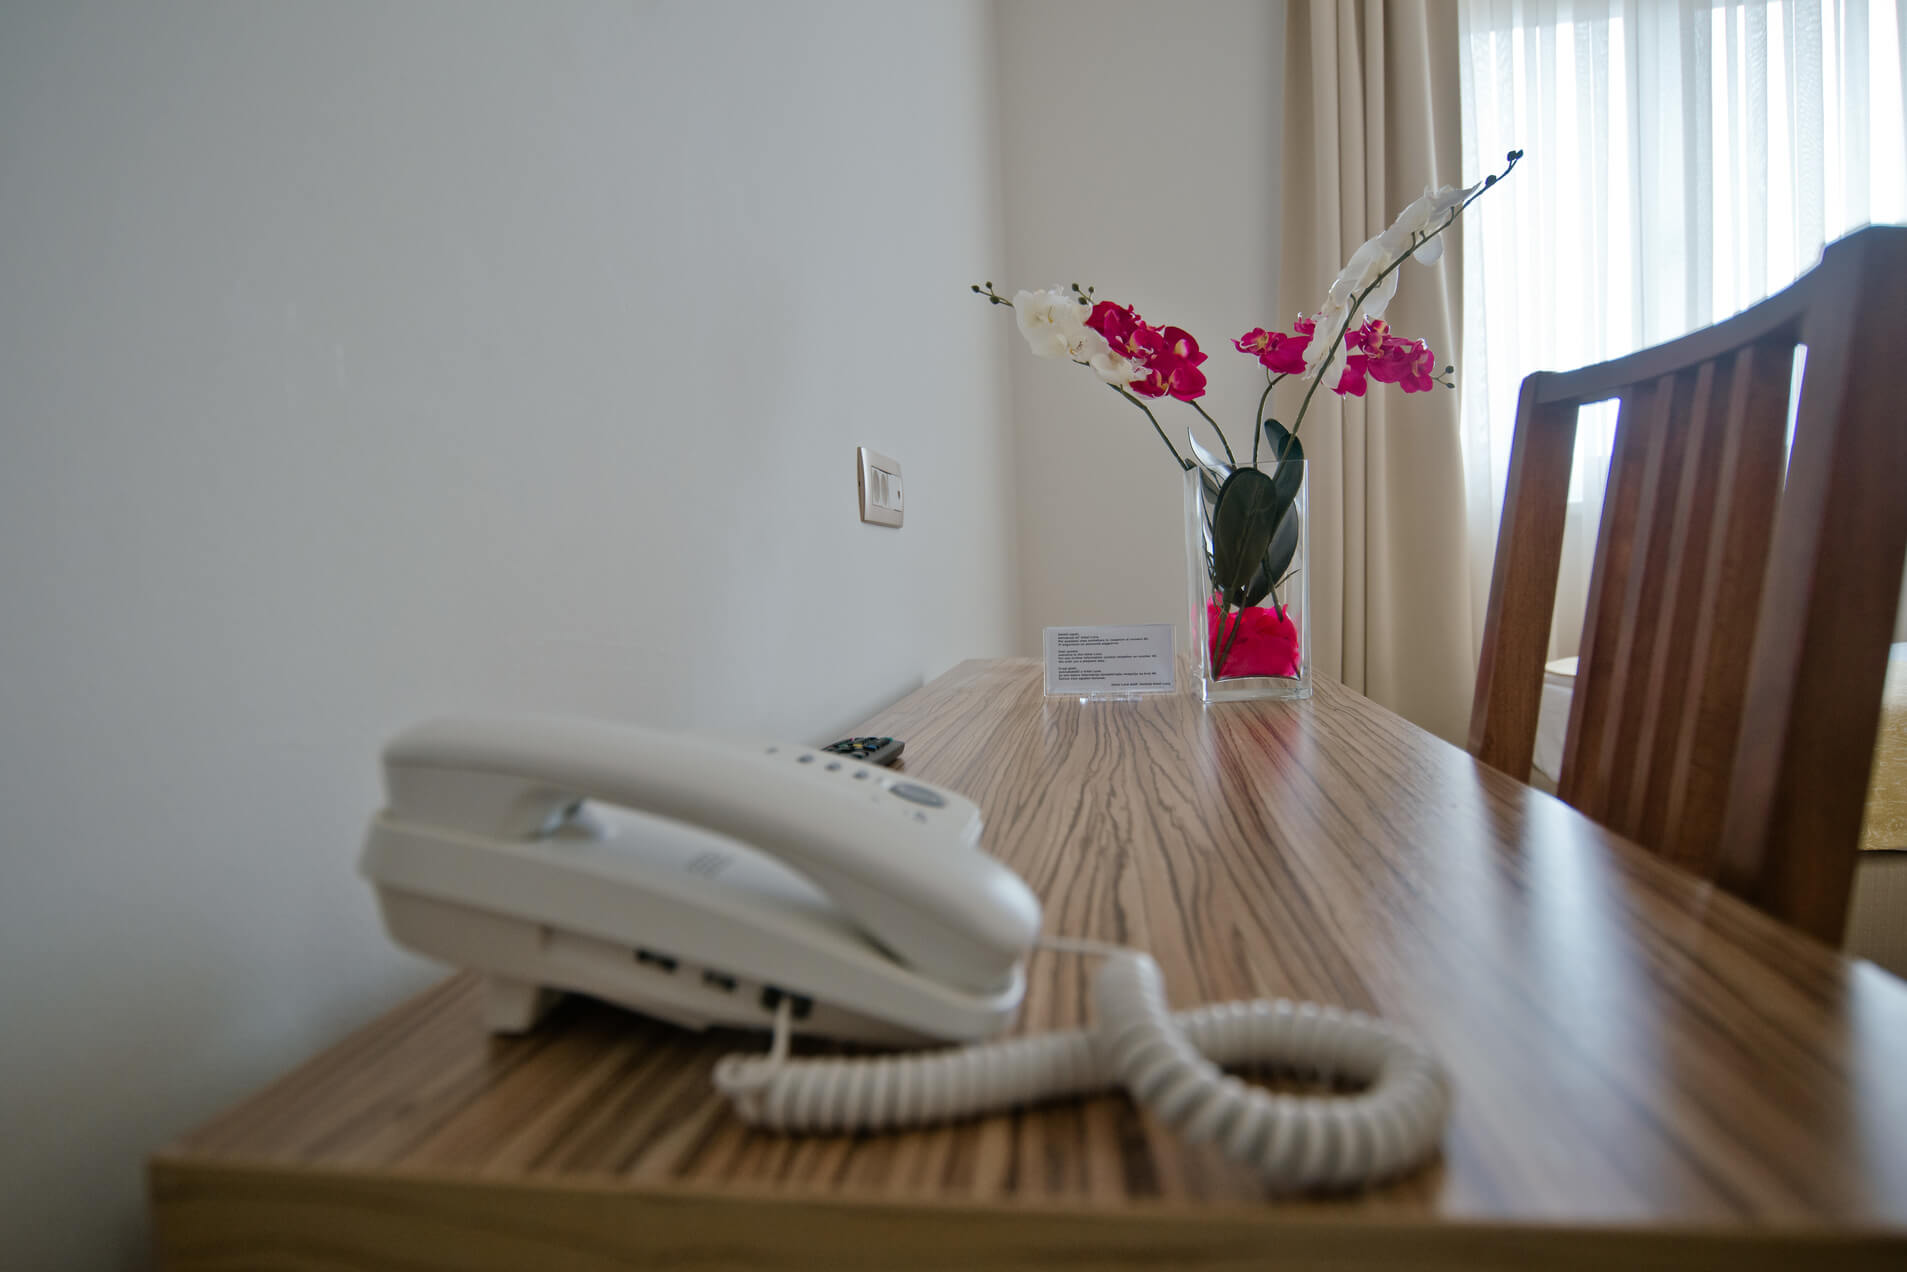 Telefon/Telephone/Telefono